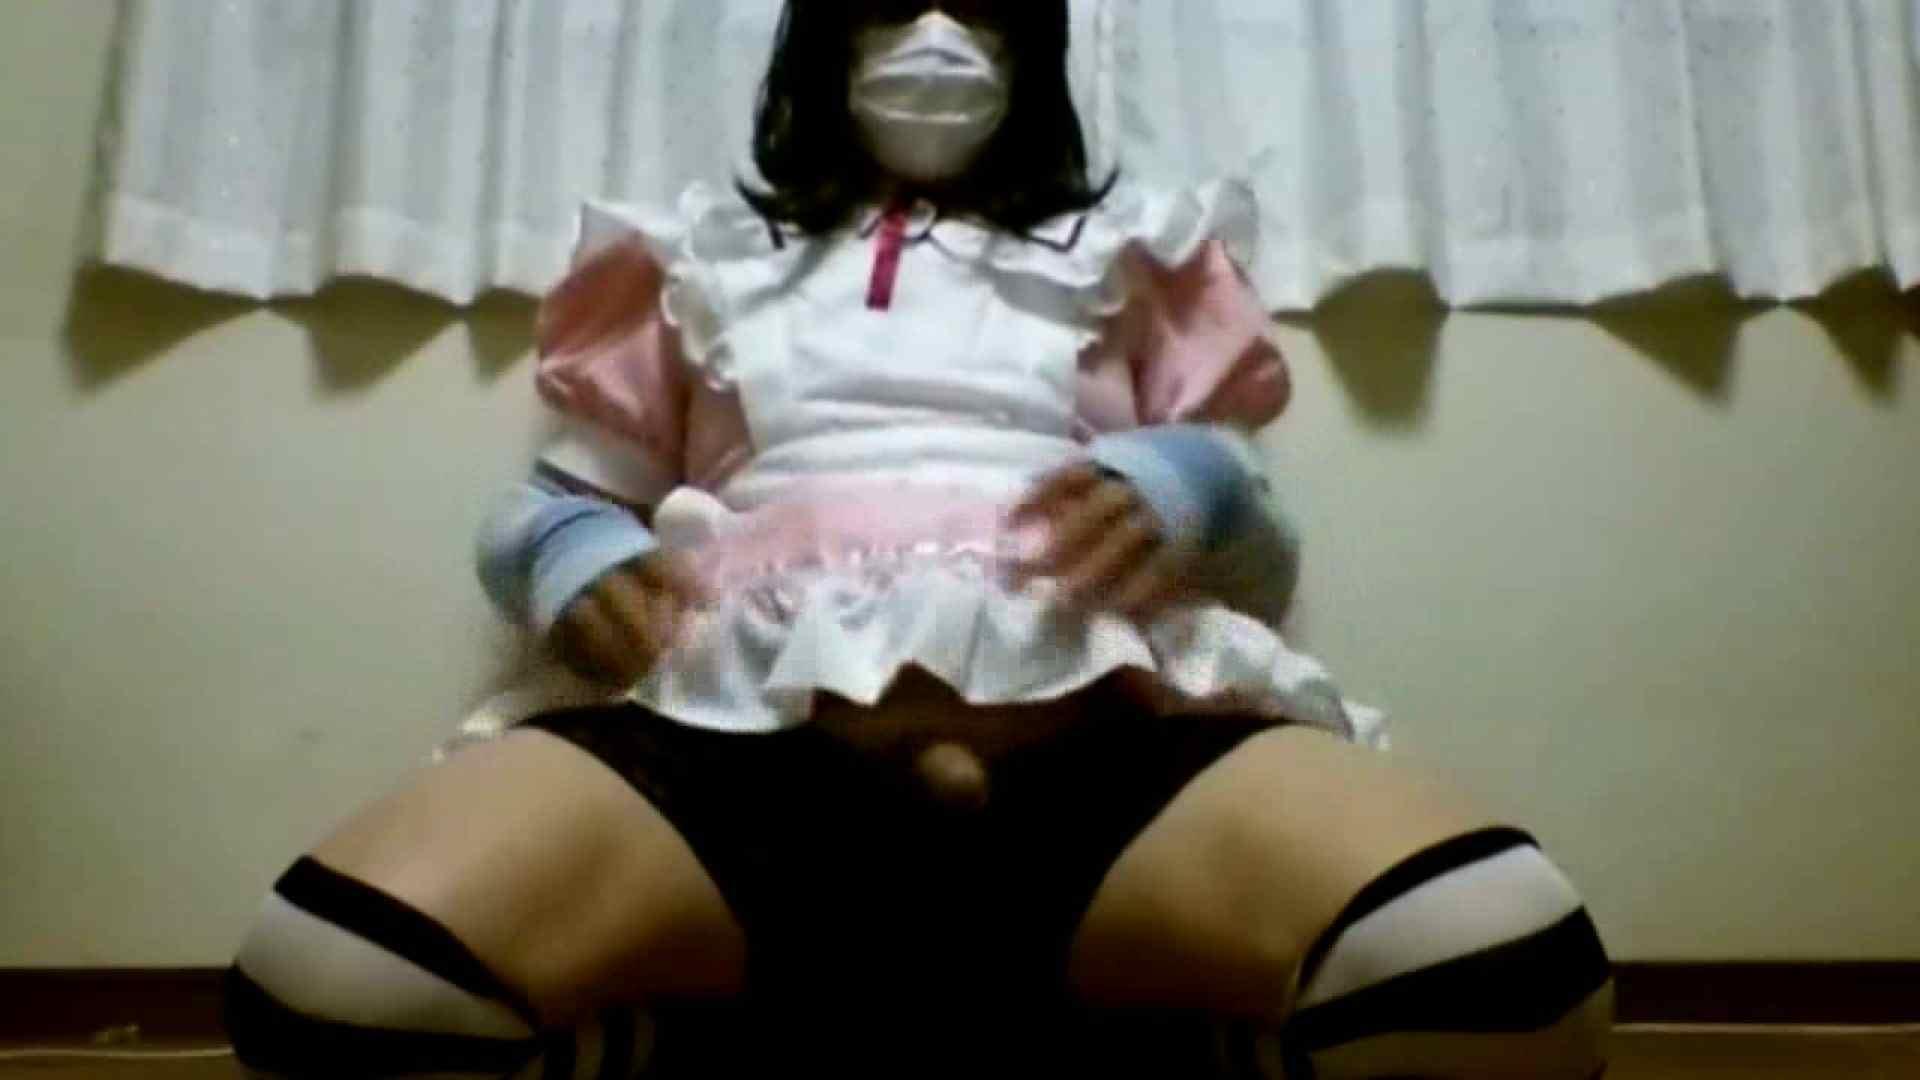 男のKOスプレー!Vol.10 男どうし ゲイ丸見え画像 73pic 27